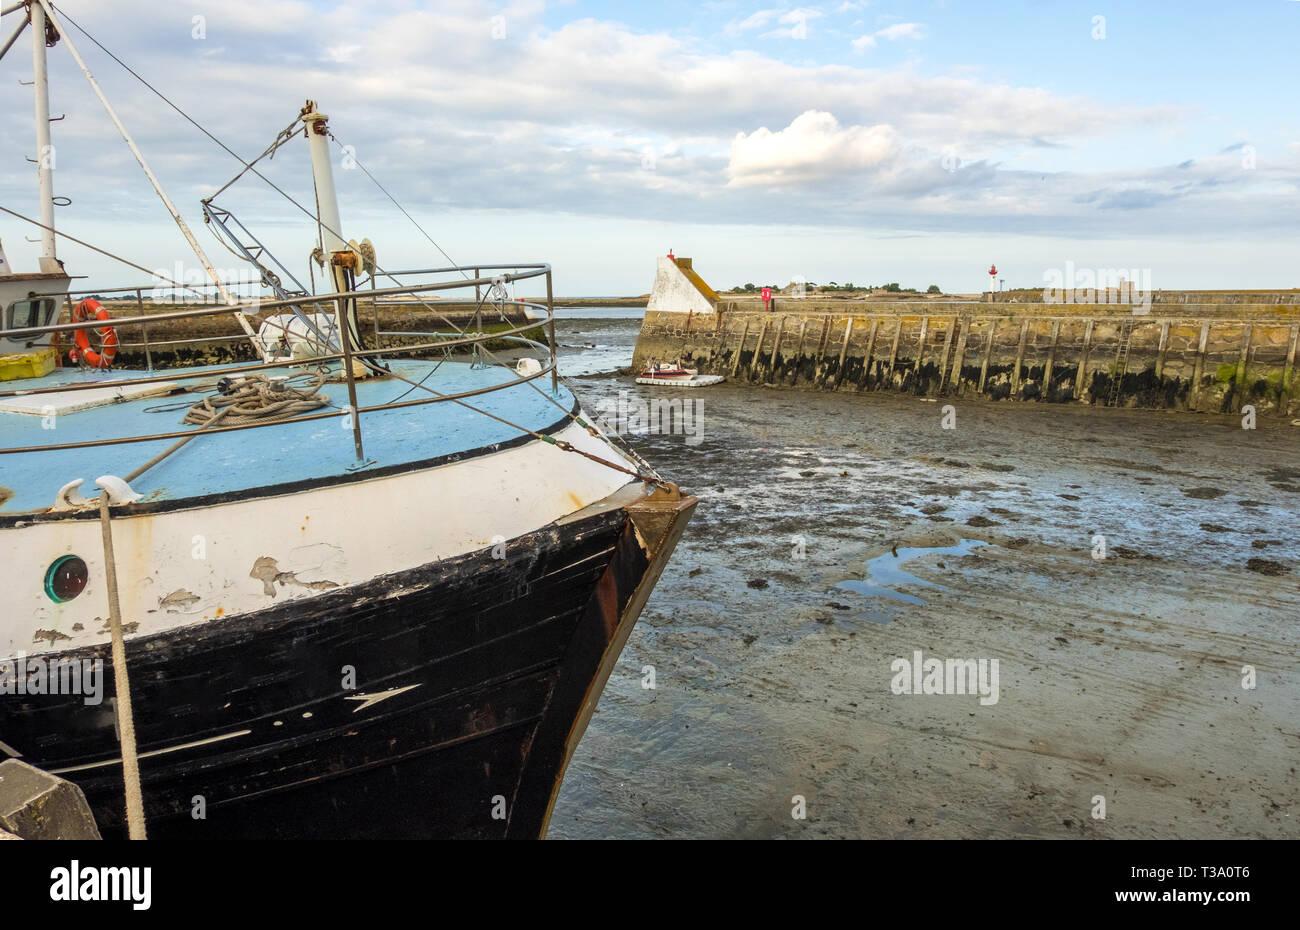 Saint-Vaast-la-Hougue, Francia - 29 de agosto de 2018: un barco pesquero en el puerto de Saint-Vaast-la-Hougue en marea baja . Normandía, Francia Foto de stock